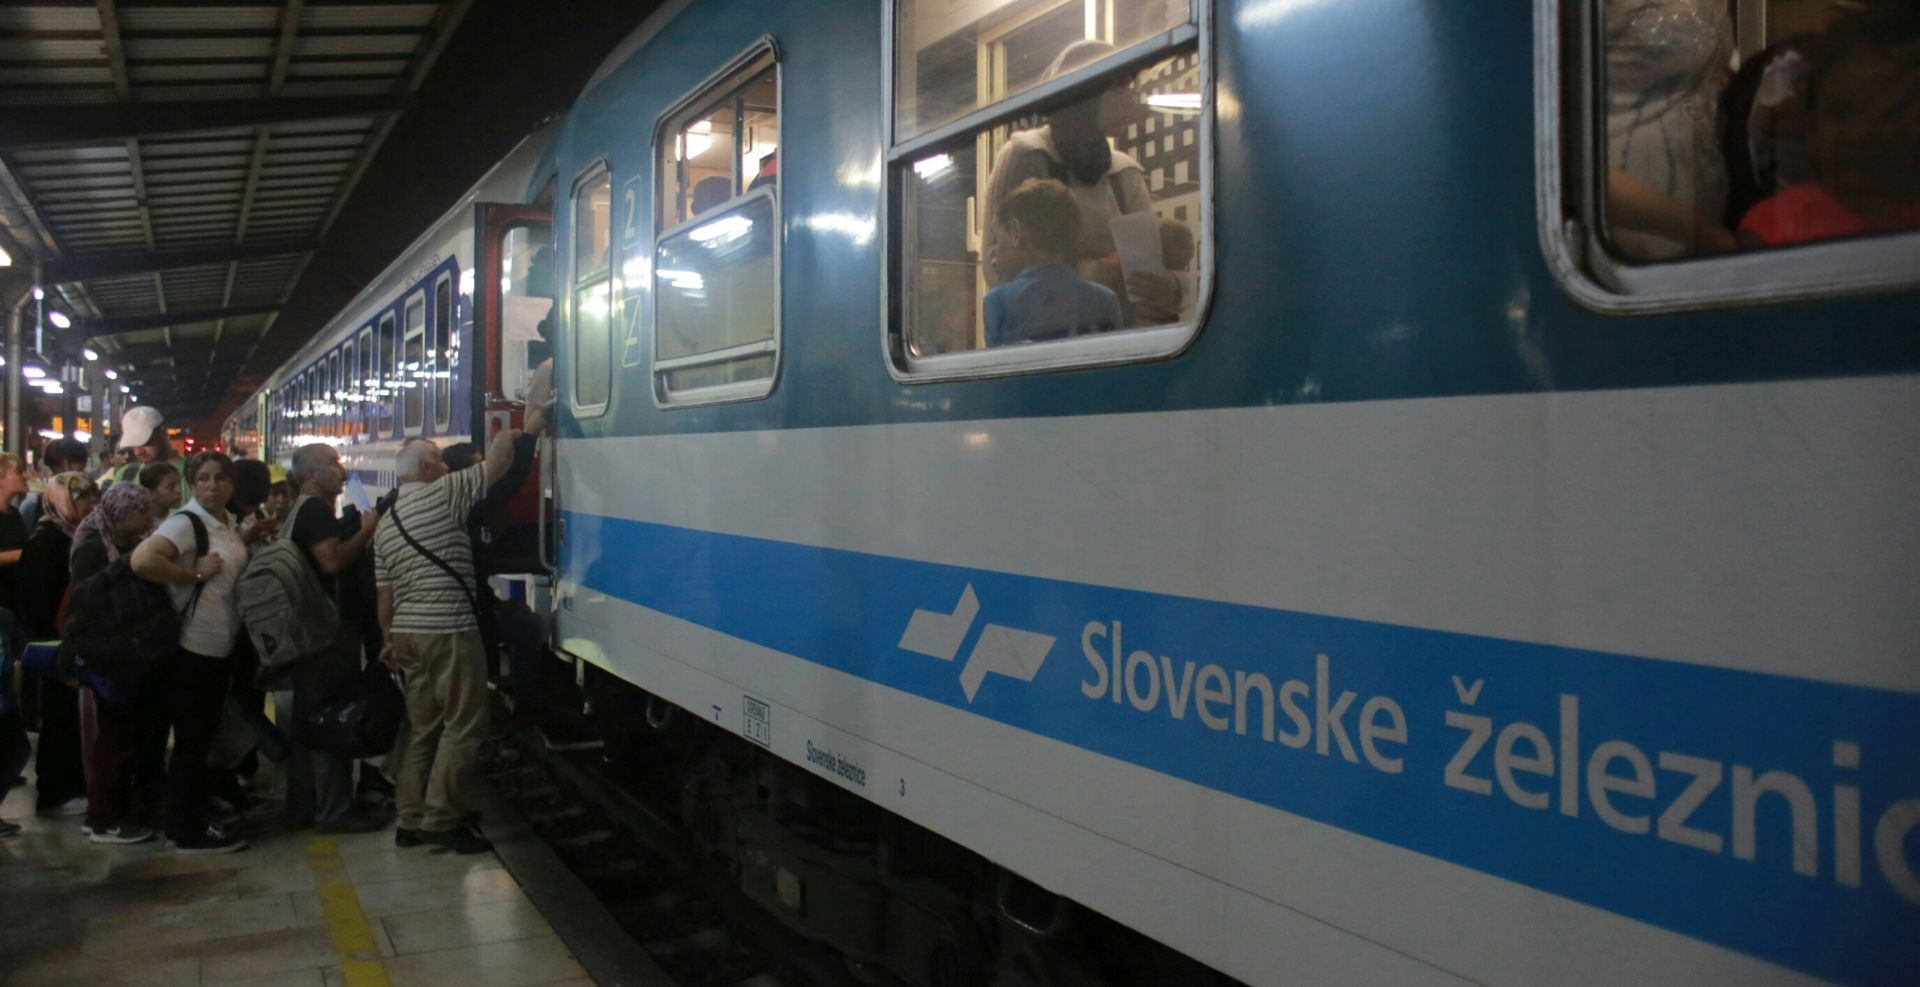 MAĐARSKA ZATVARA GRANICE Vlada objavila da se kreće s 'Planom C', Slovenija obustavila željeznički promet s Hrvatskom